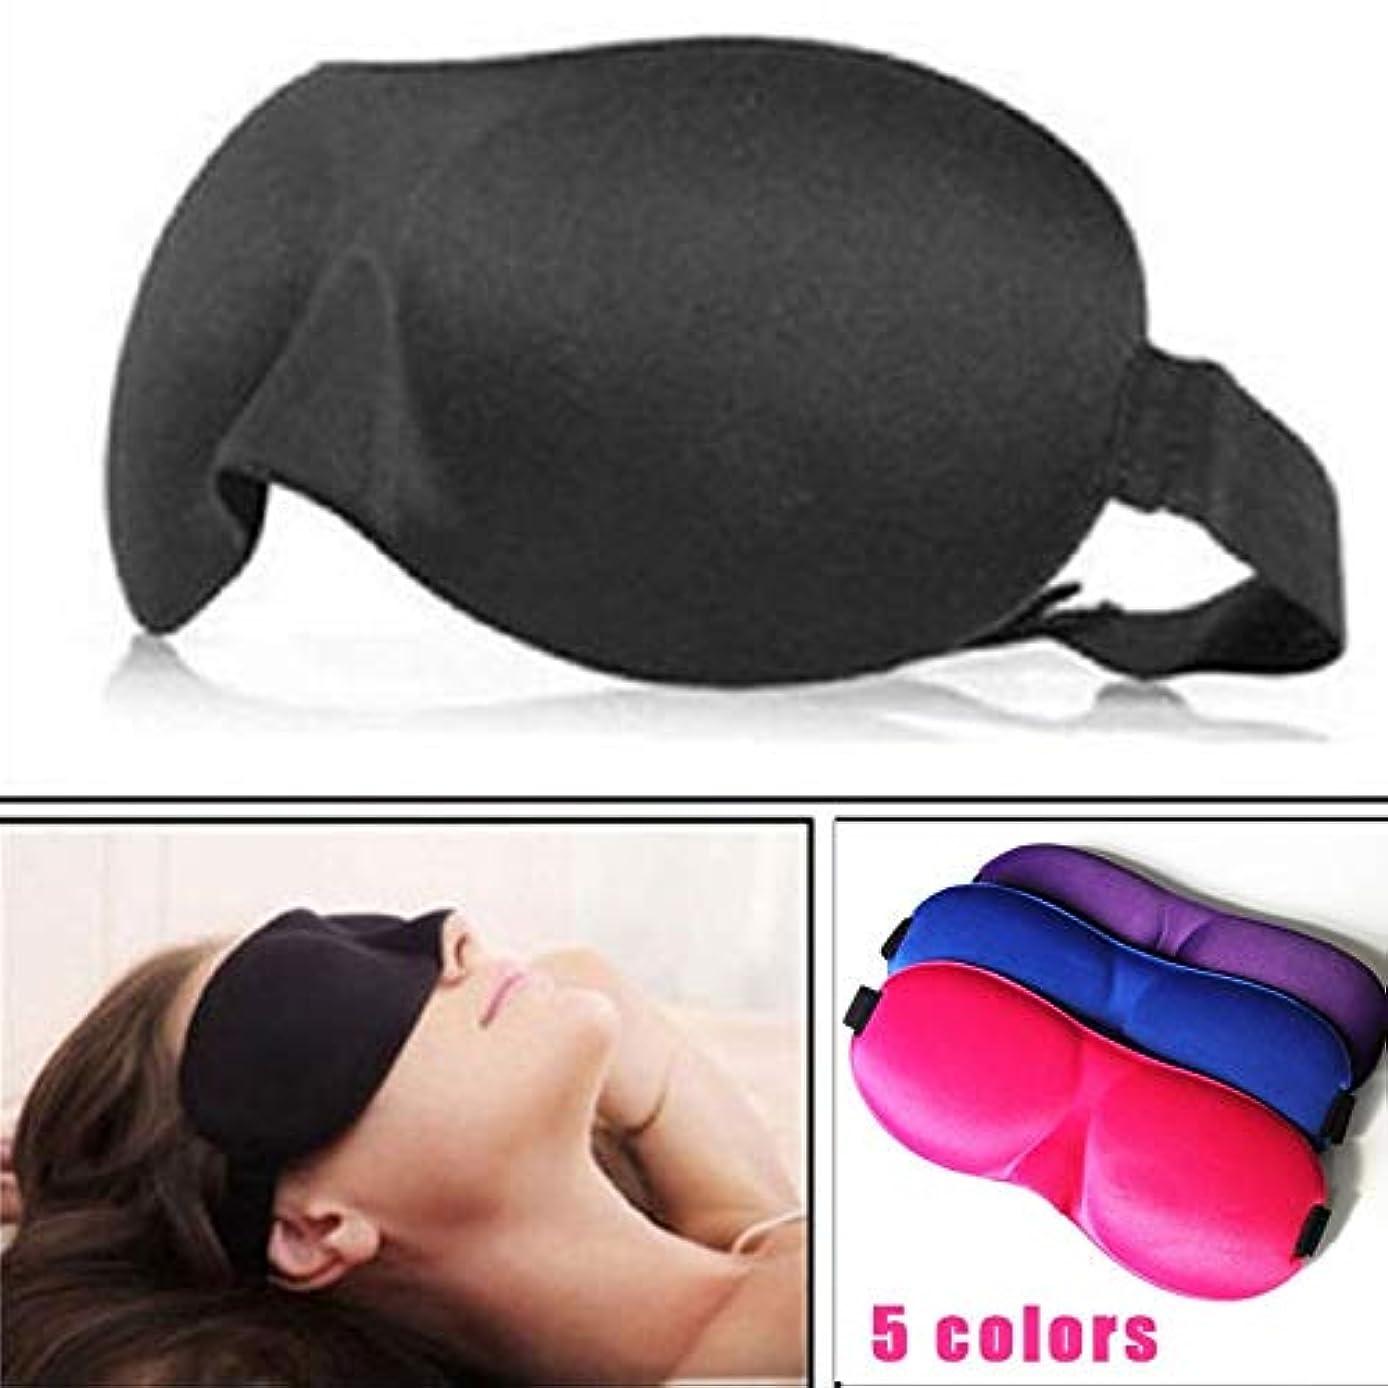 成功雨使い込むNOTE OPHAX 3D超ソフト睡眠アイマスク睡眠旅行睡眠休息補助アイマスクカバーアイパッチポータブル睡眠マスク目隠し